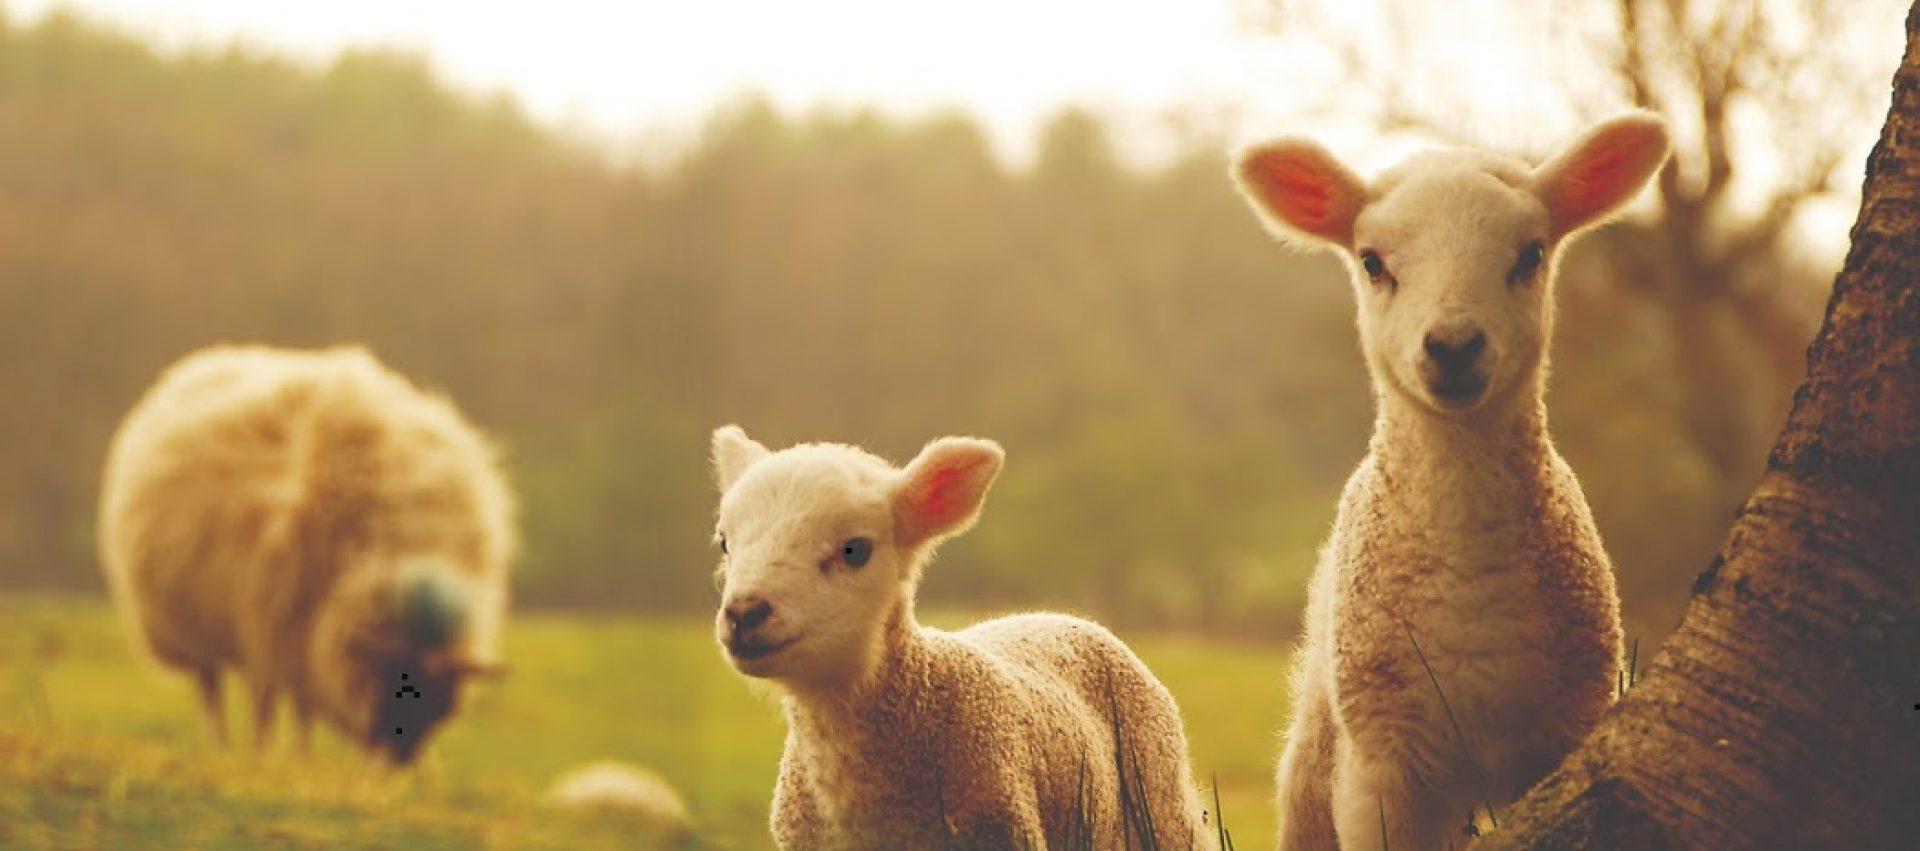 Lambs die?